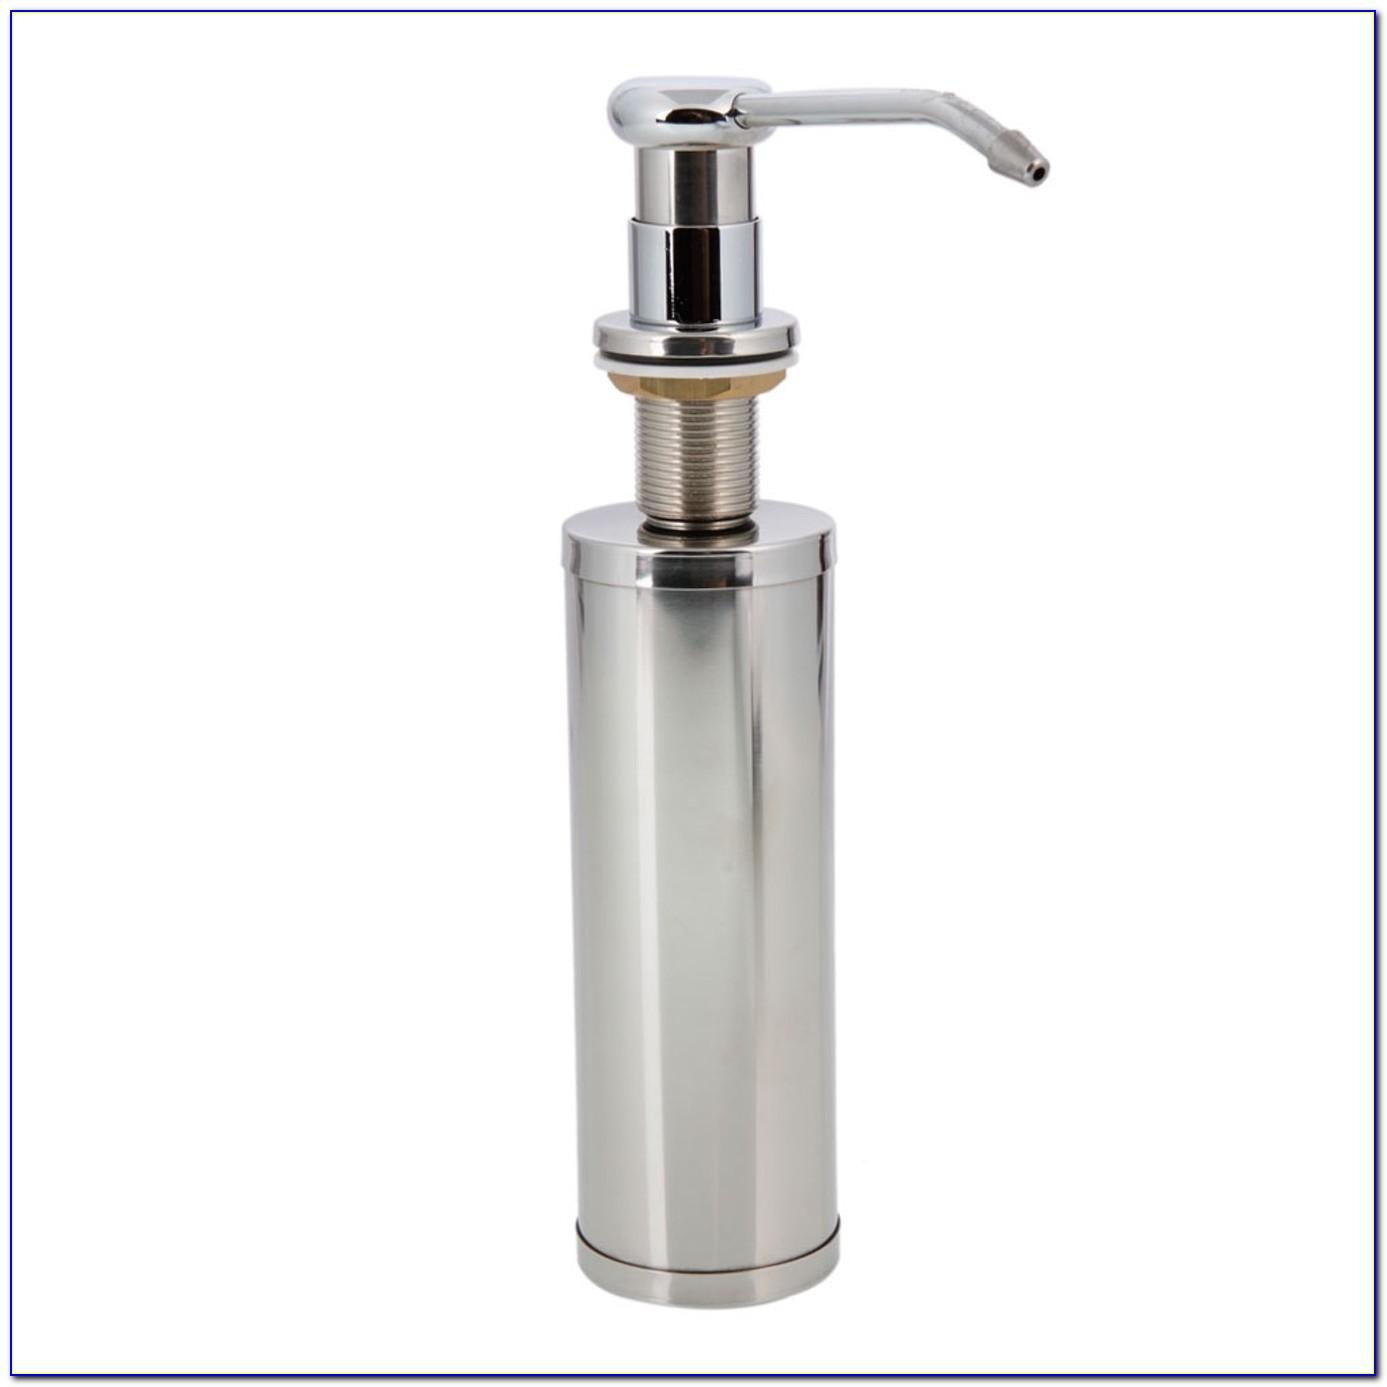 Moen Touchless Kitchen Faucet Commercial